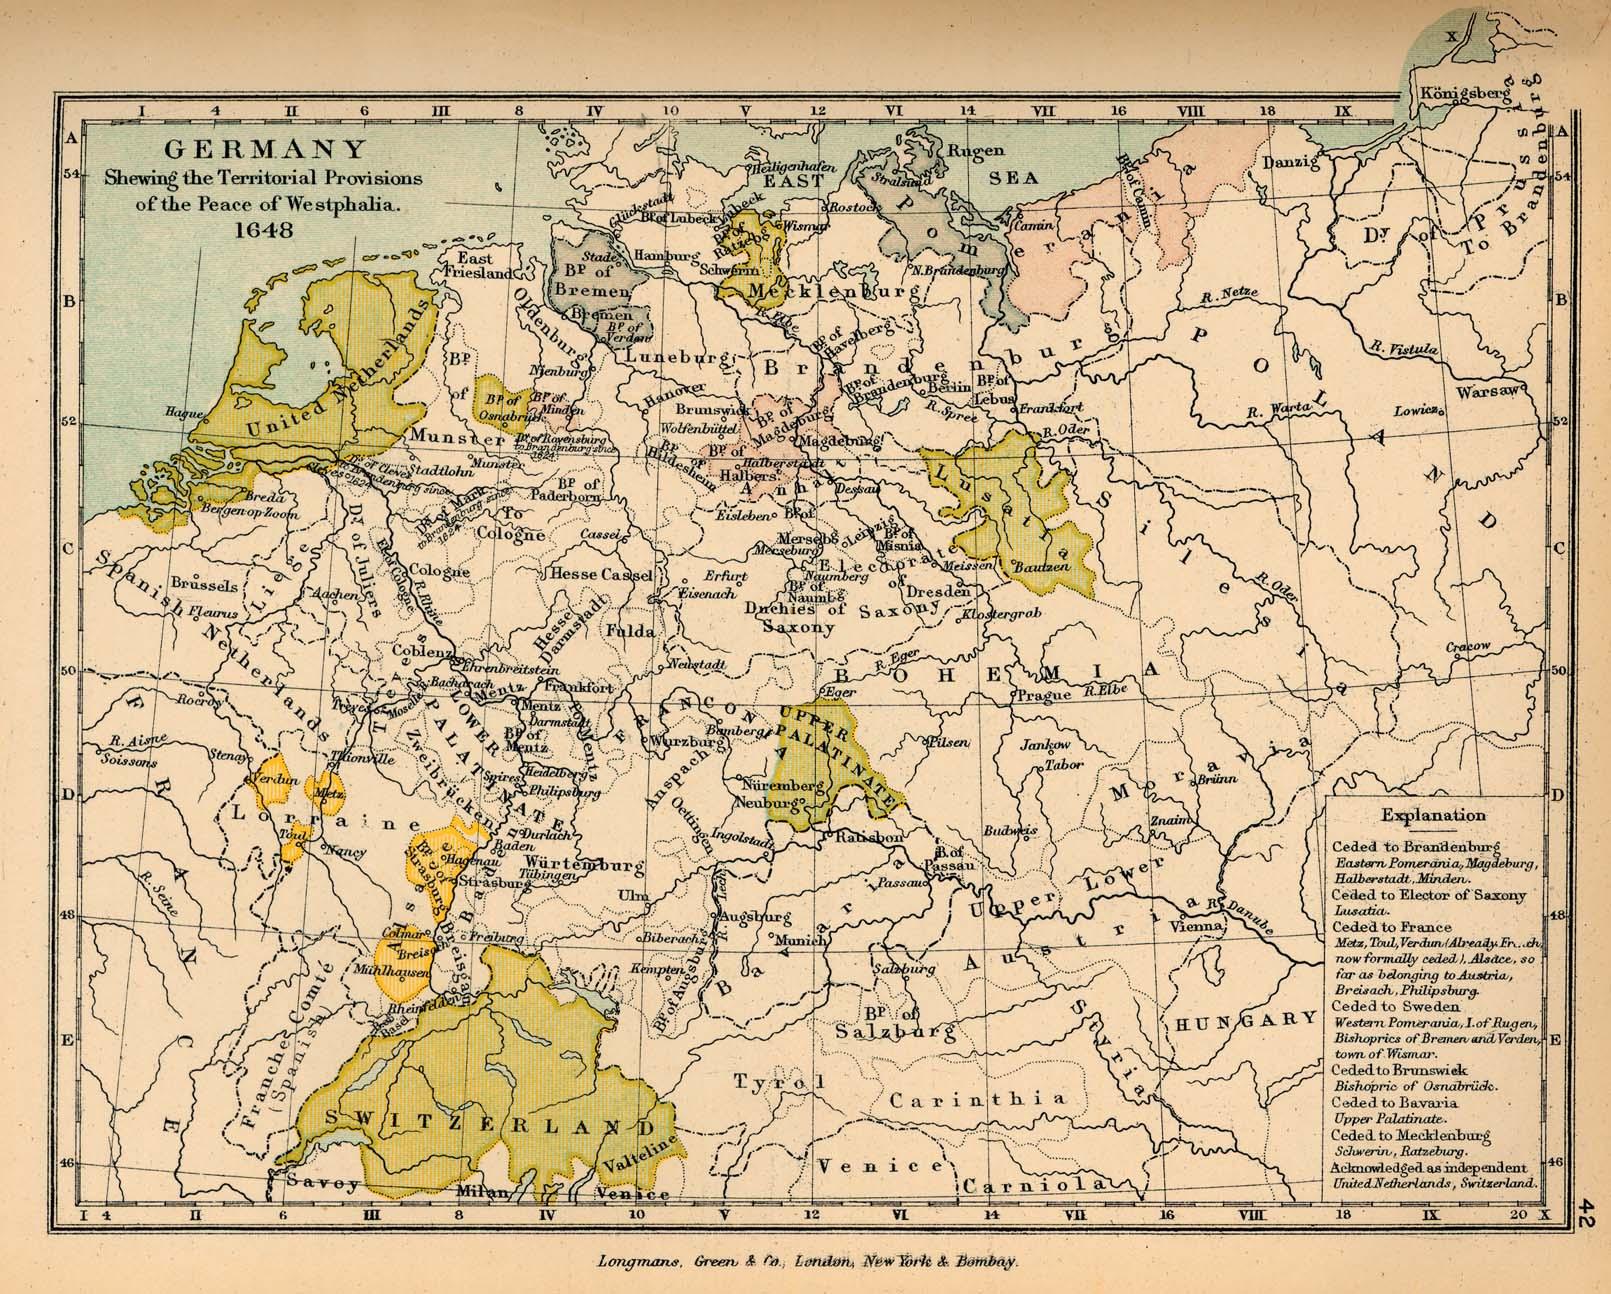 Mapa de Alemania Despues de la Paz de Westfalia 1648